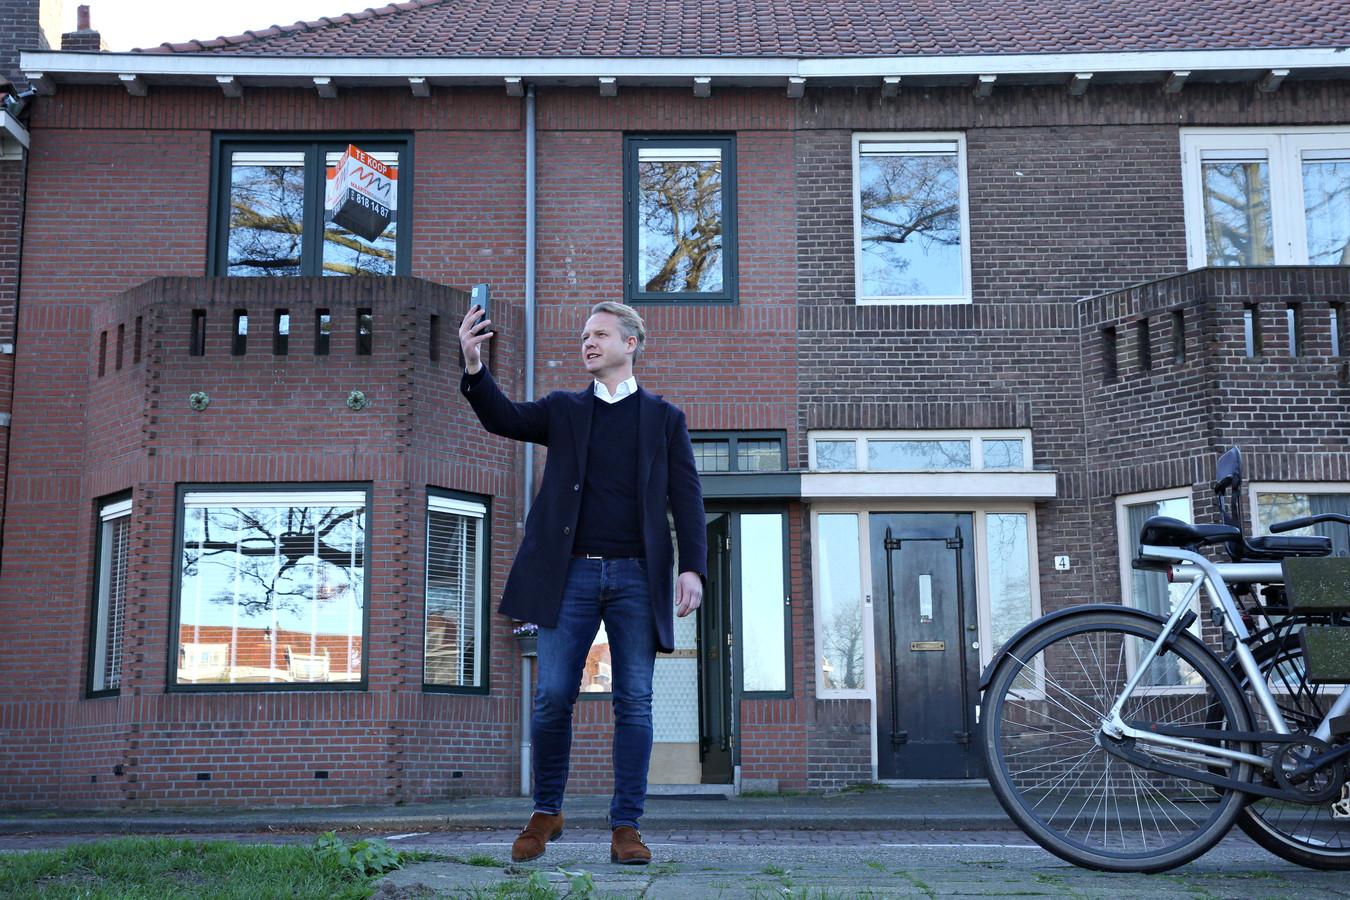 Maarten Broekman van Maarten Makelaardij geeft potentiële kopers een rondleiding door het huis door met ze te videobellen.